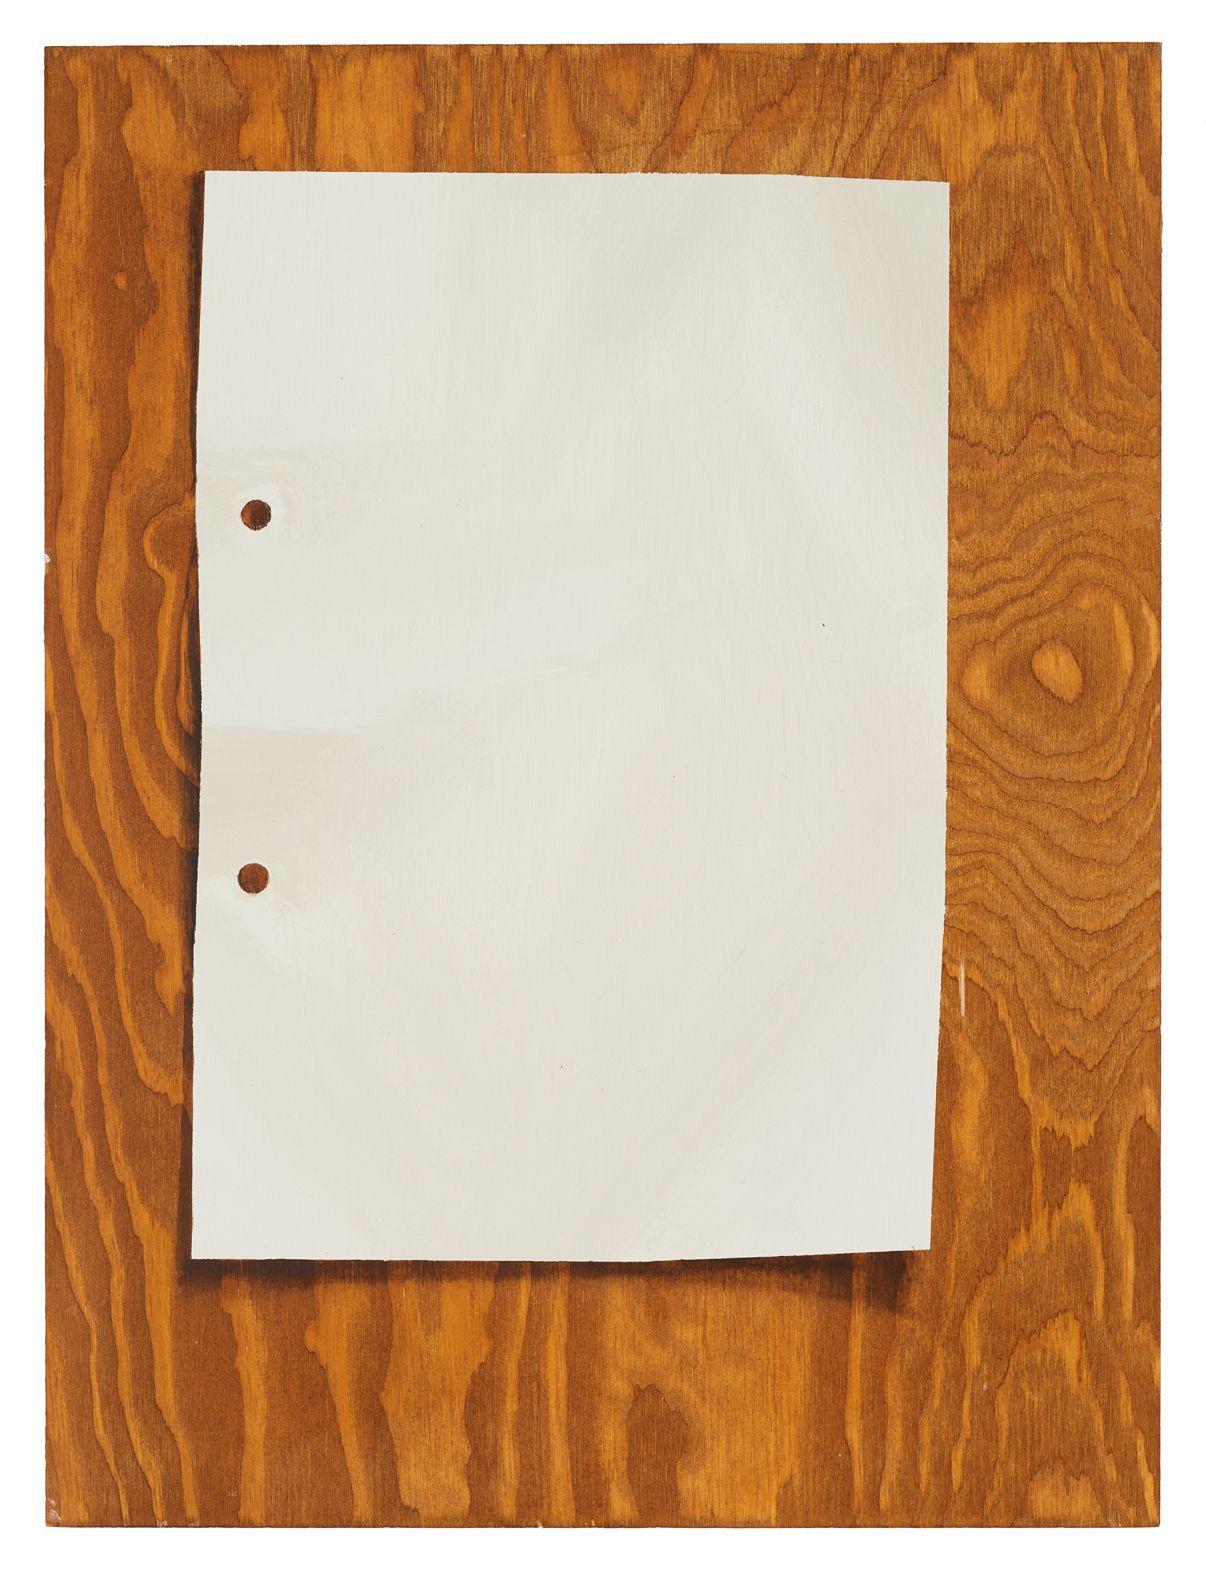 Blatt Papier Von Jochen Muhlenbrink In Der Galerie Lake Oldenburg Zeitgenossische Kunst Blatt Papier Kunstgalerie